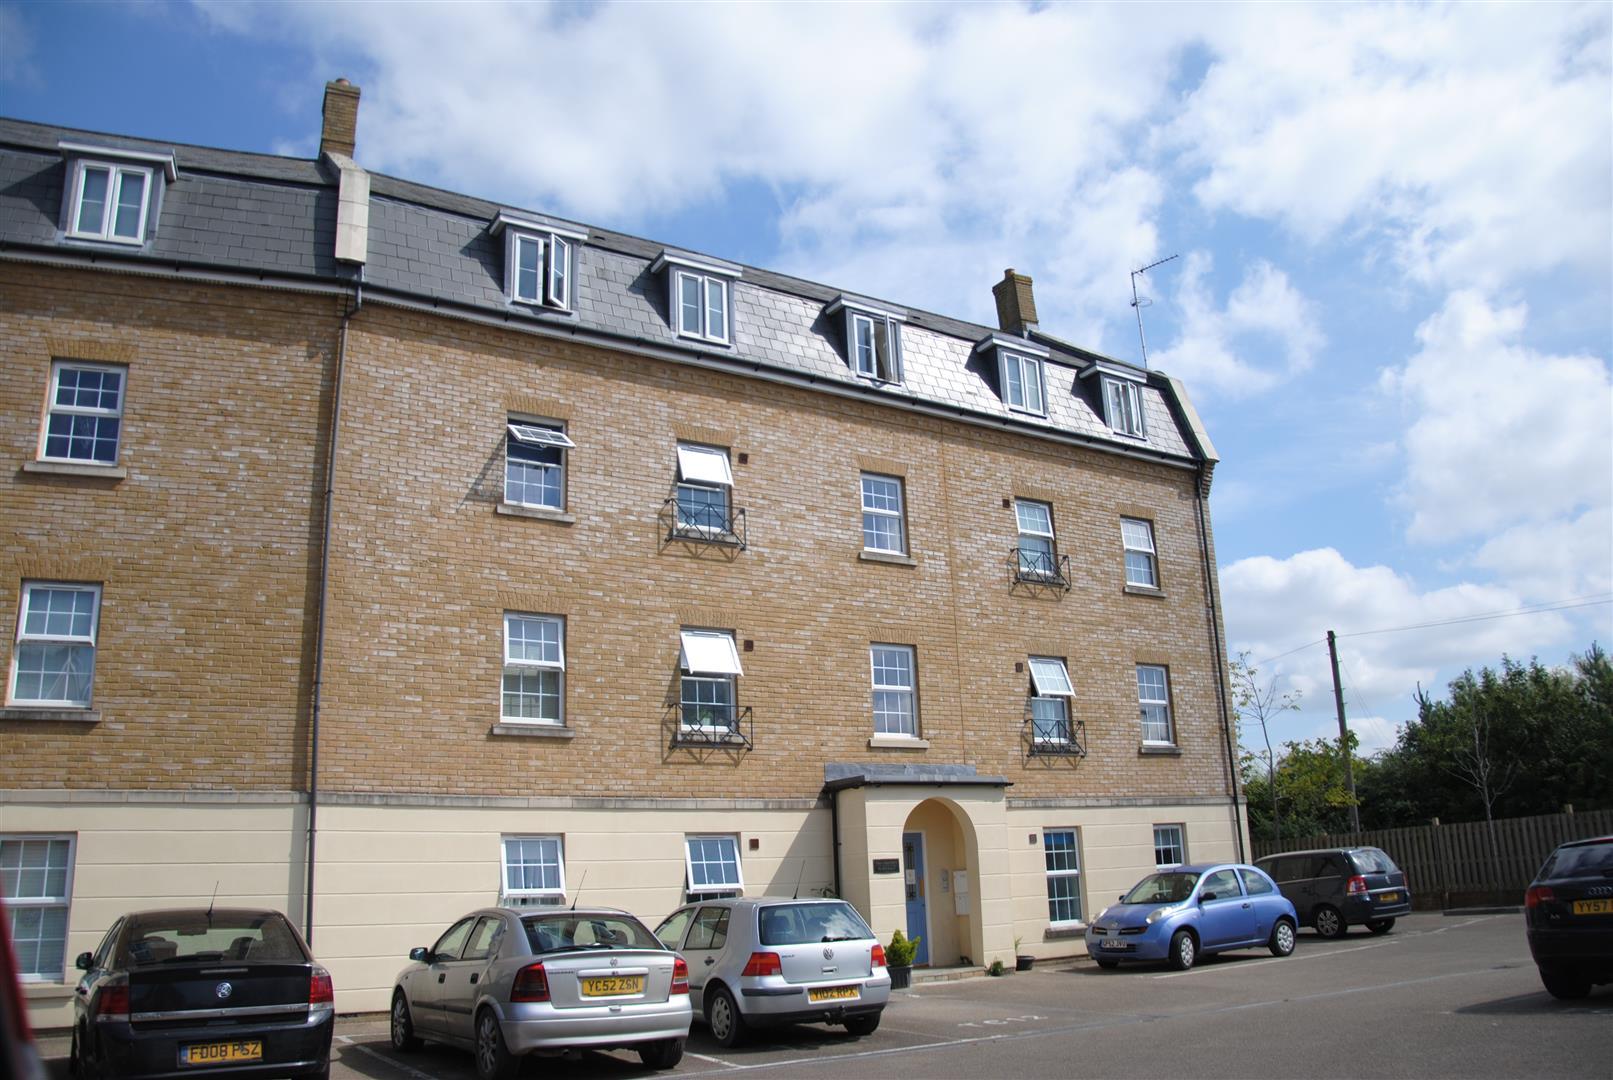 2 Bedrooms Flat for rent in Prospero Way, Swindon